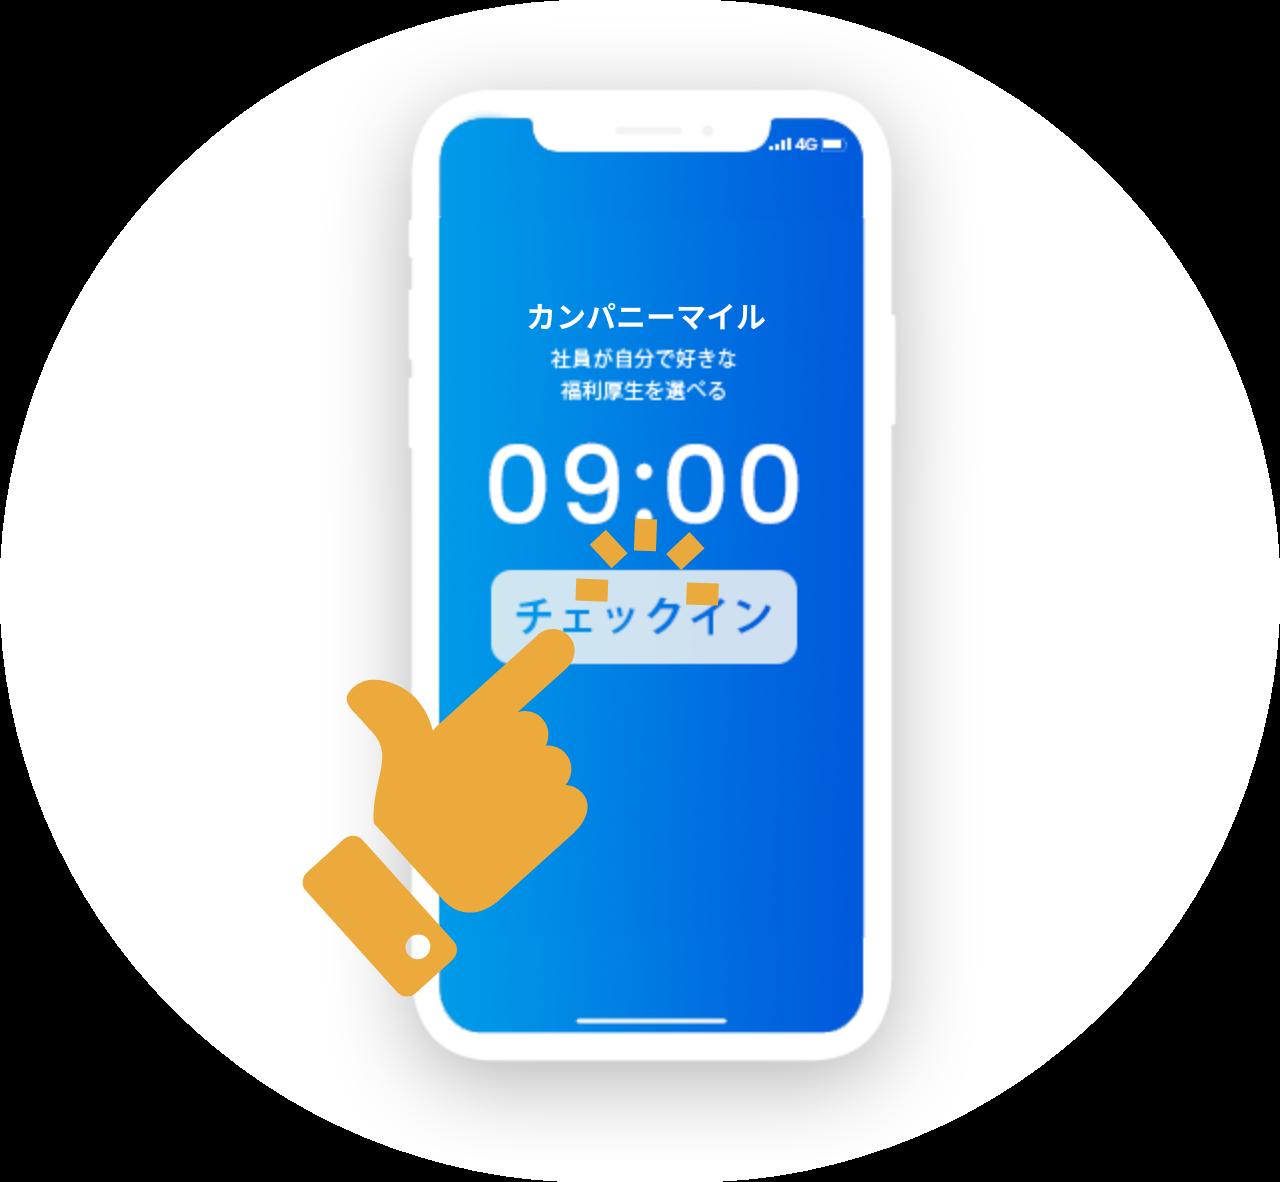 携帯の画面のチェックインボタンを押すイラスト